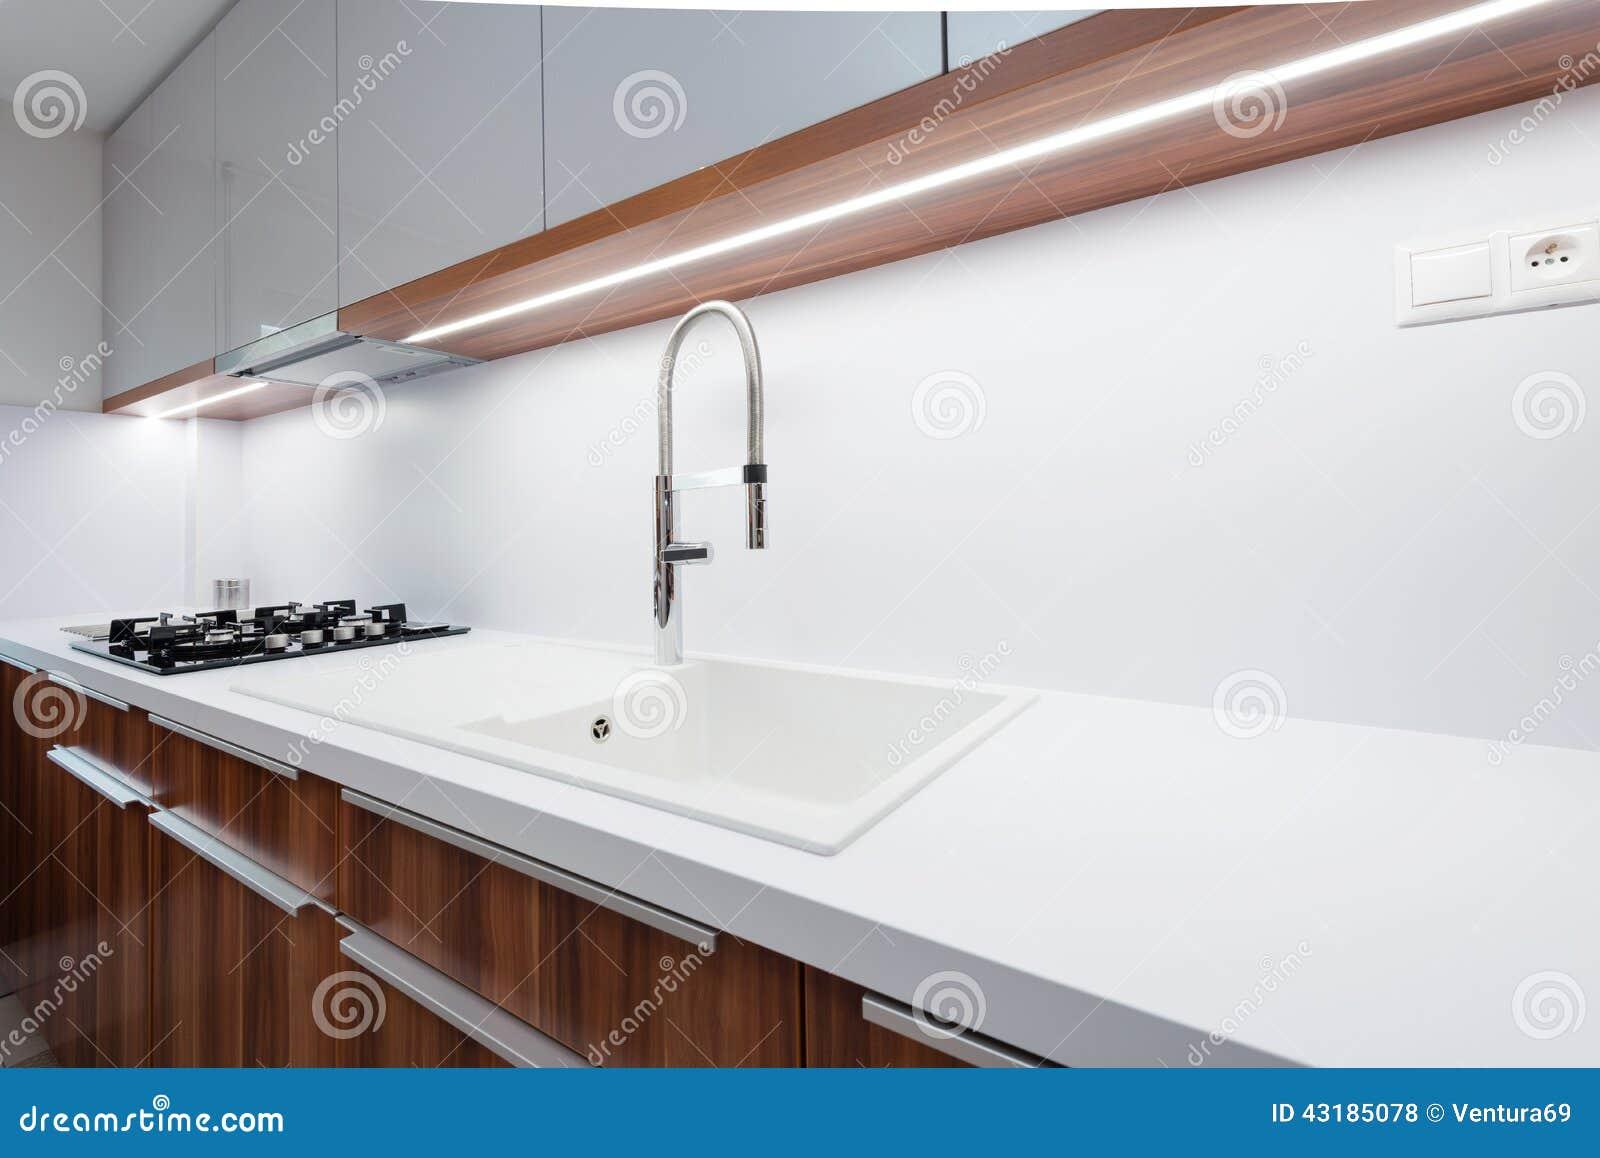 Keukenkraan kopen ruime keus keukenkranen sanitairwinkel